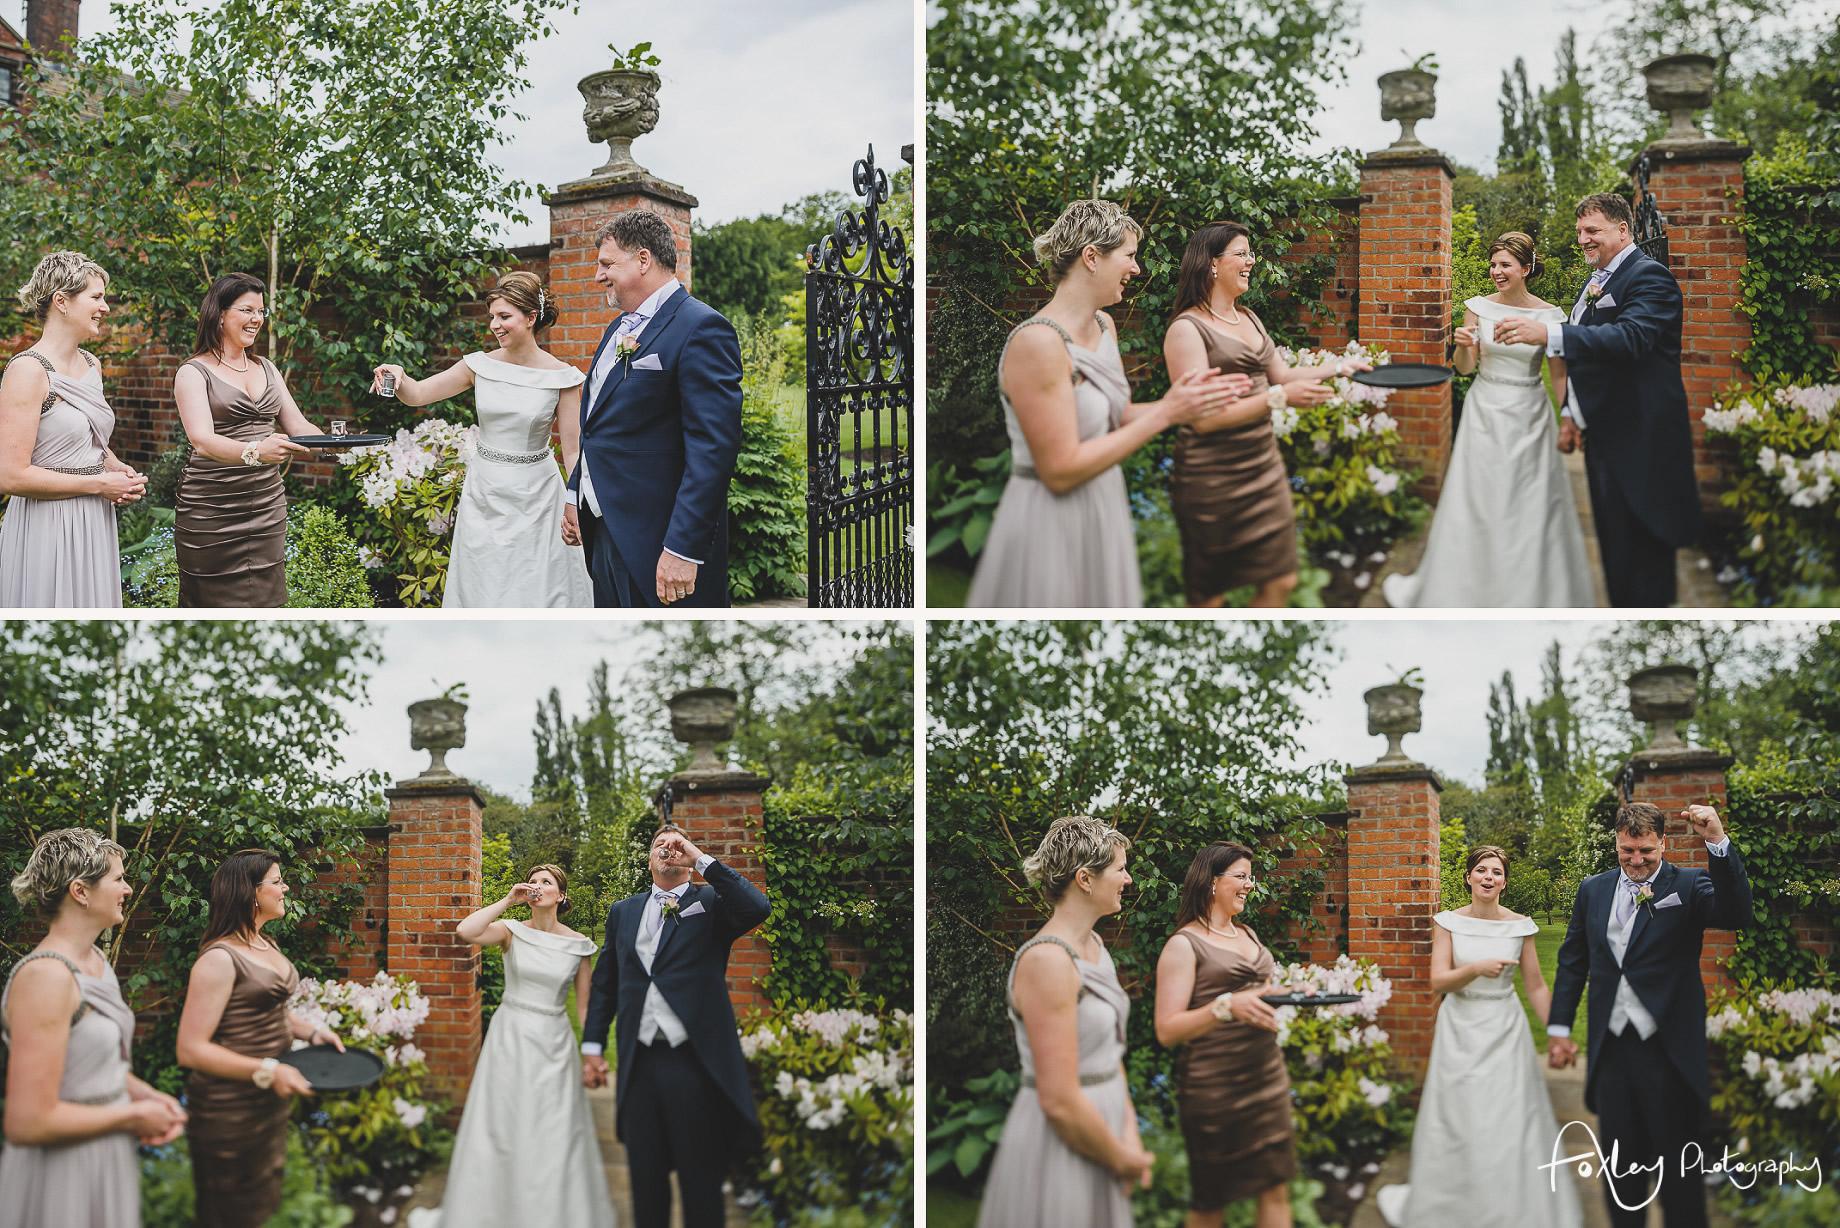 Simona-and-Robert-Wedding-at-Colshaw-Hall-115